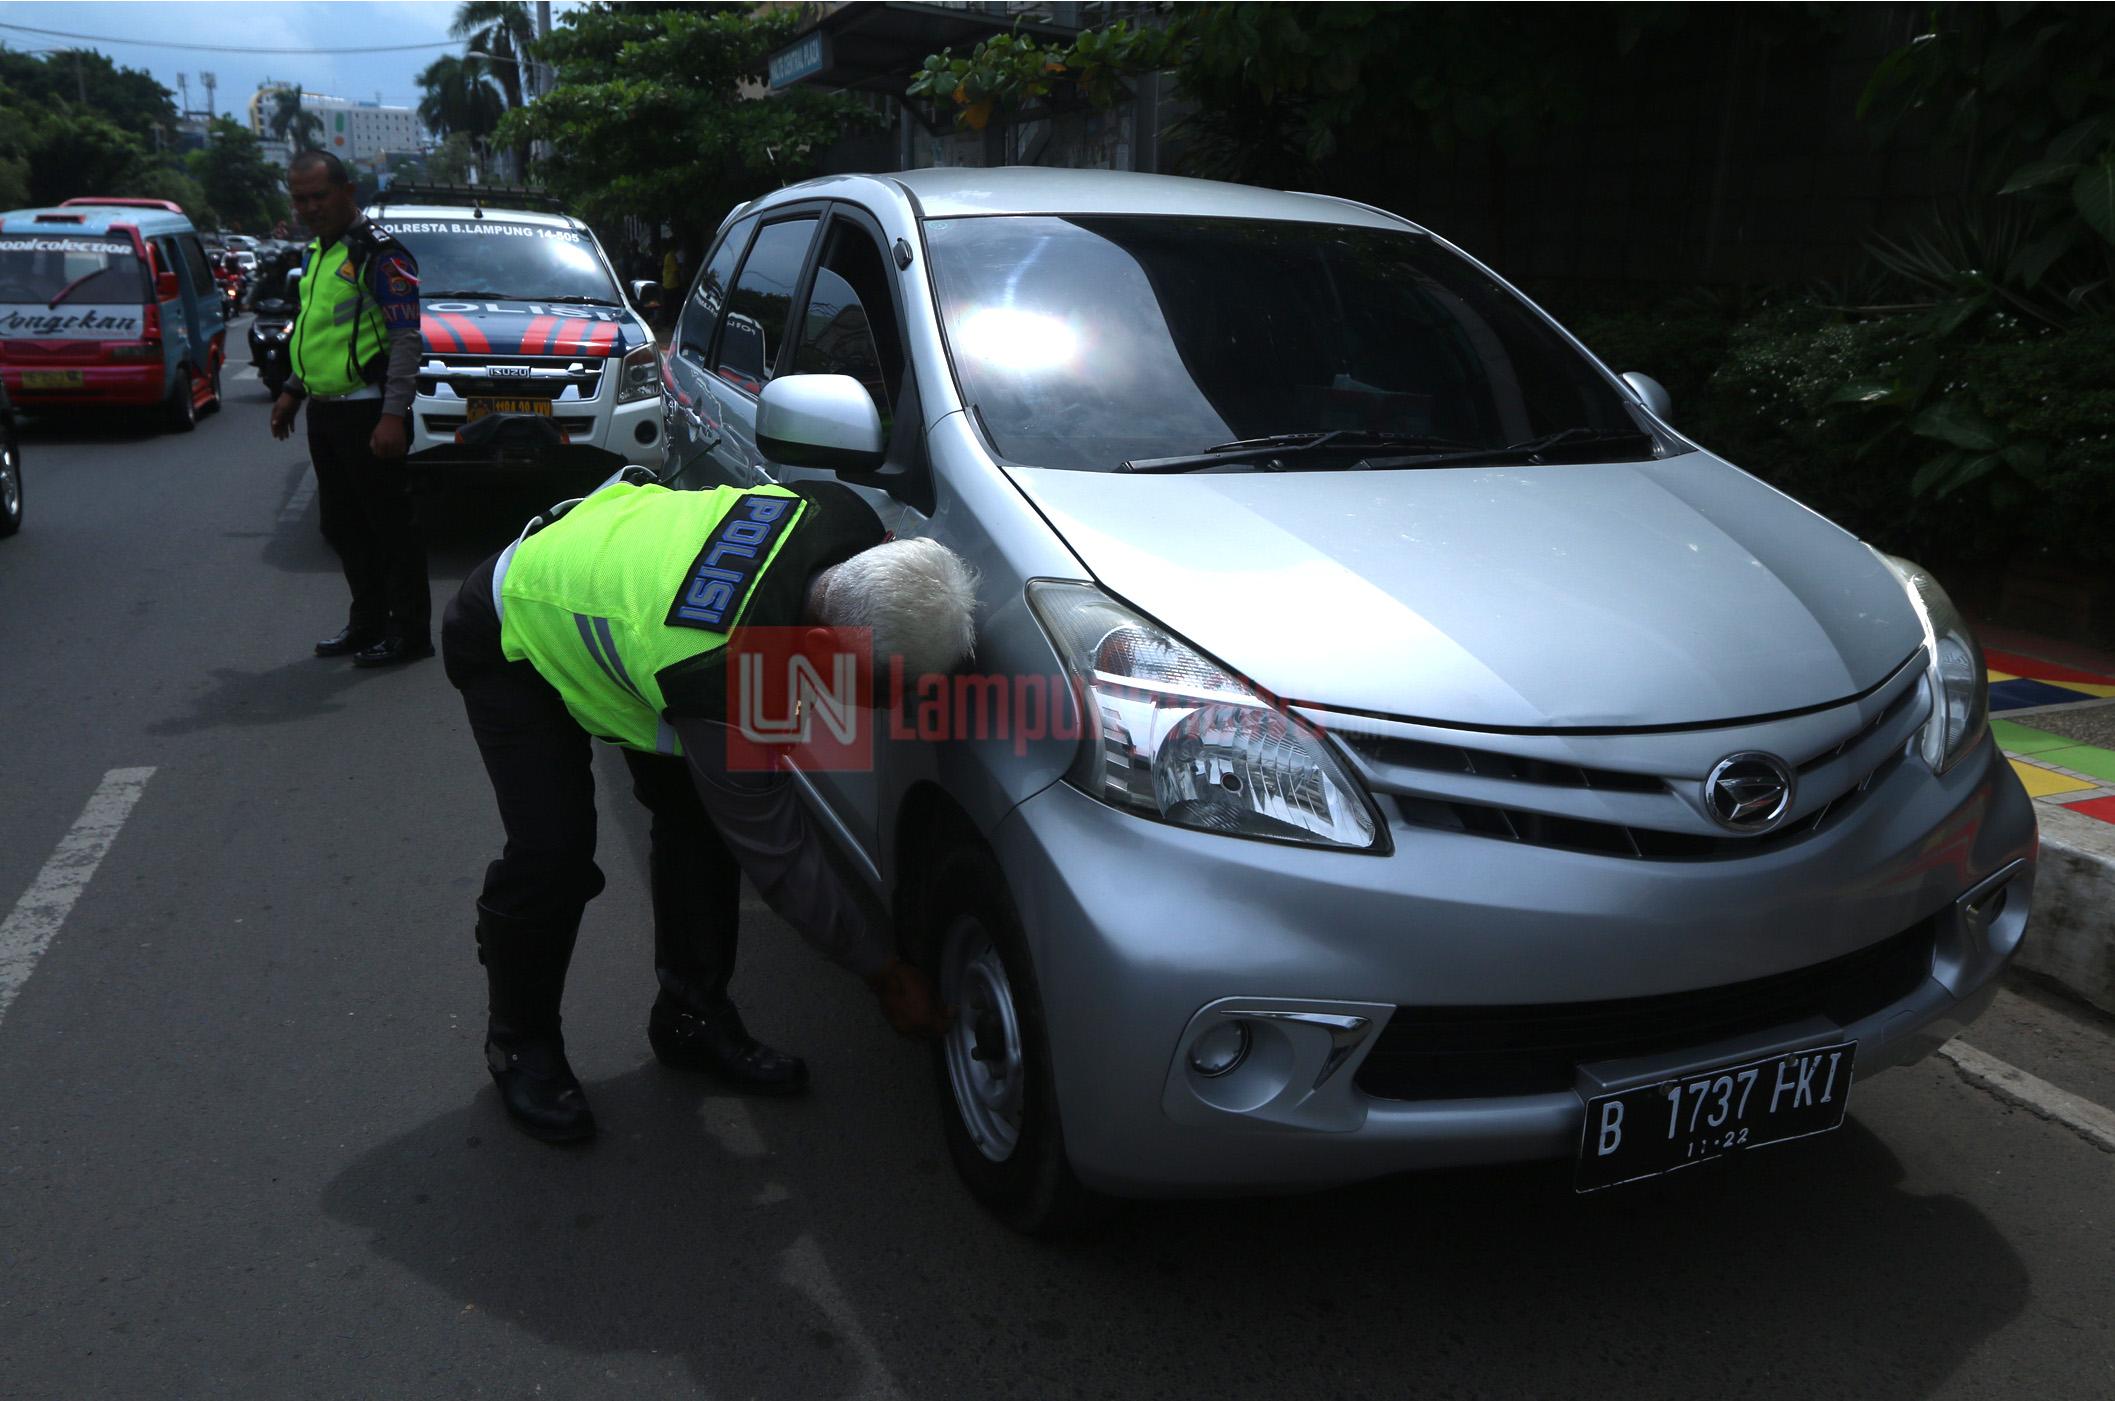 Anggota Satlantas Polresta Bandarlampung menggembosi ban mobil warga yang parkir di badan Jalan Kartini di depan Central Plaza, Kamis (18/1). Cara ini mulai dilakukan sejak awal tahun untuk mobil yang parkir di badan jalan protokol. (Lampungnews.com/El Shinta)